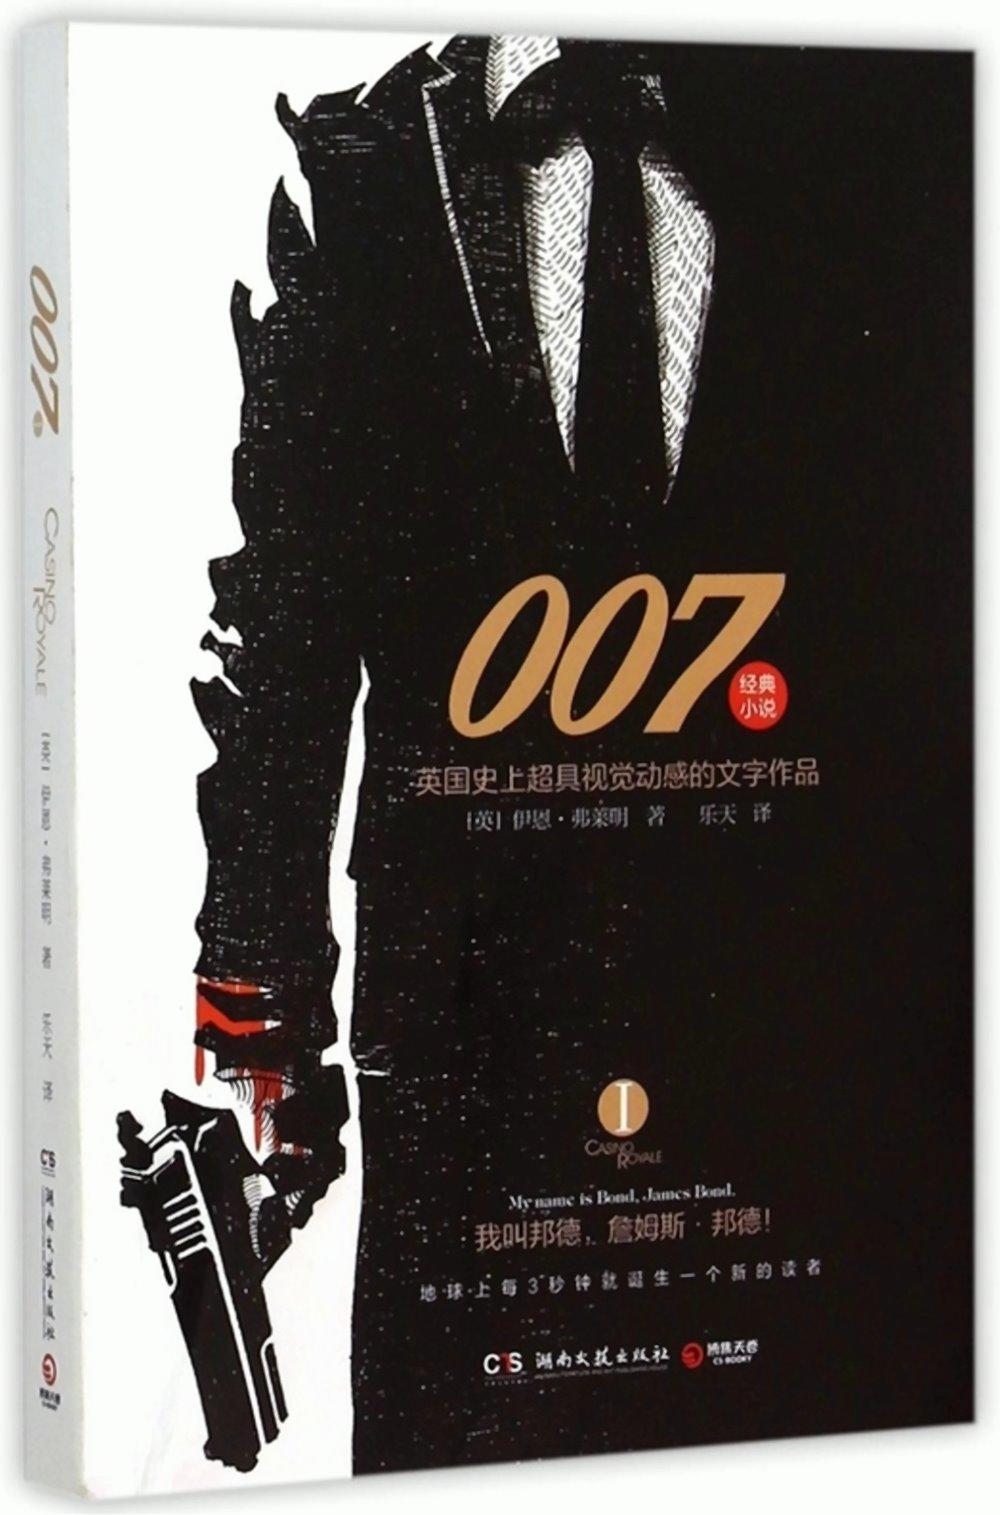 007.I:英國史上超具視覺動感的文字作品